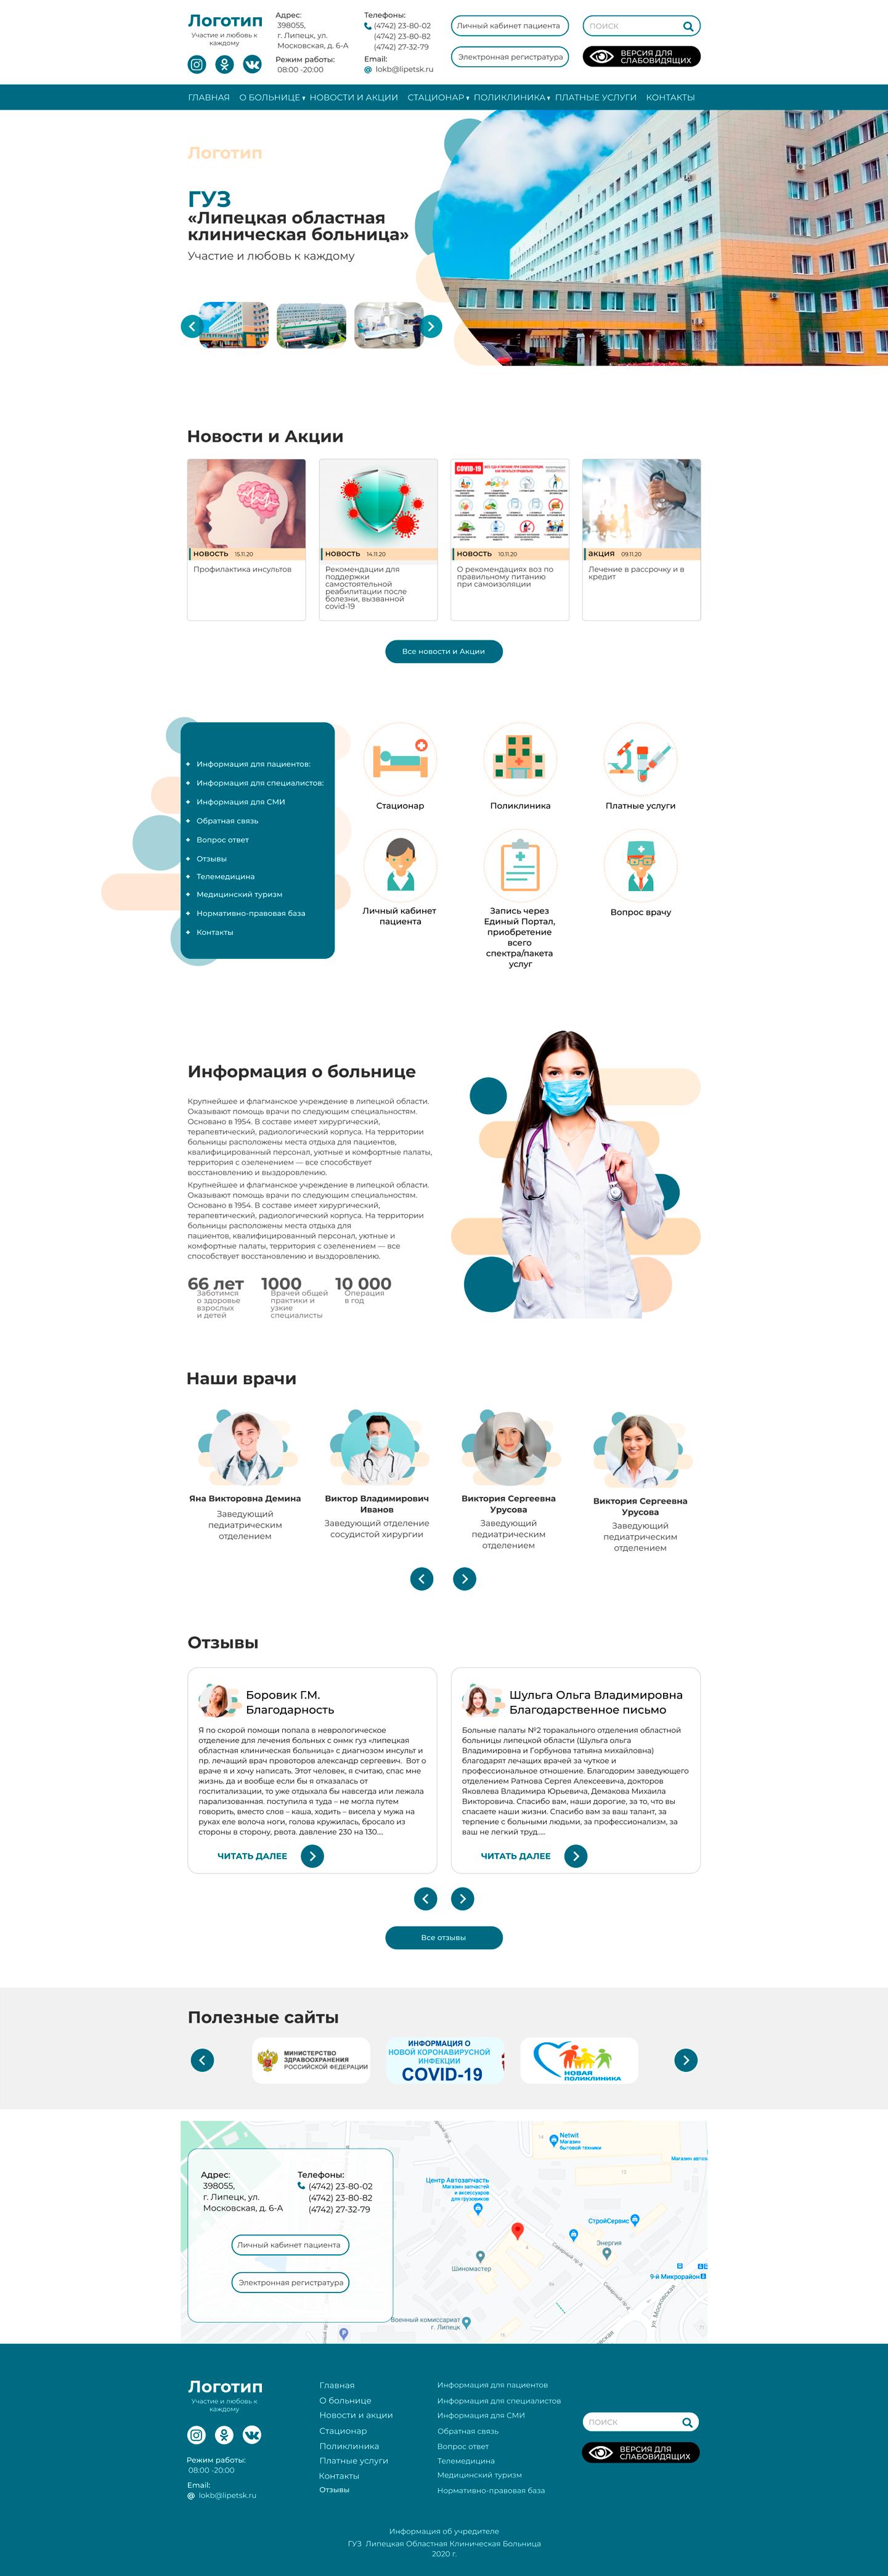 Дизайн для сайта больницы. Главная страница + 2 внутренних. фото f_4675fb3d89ba9aec.png